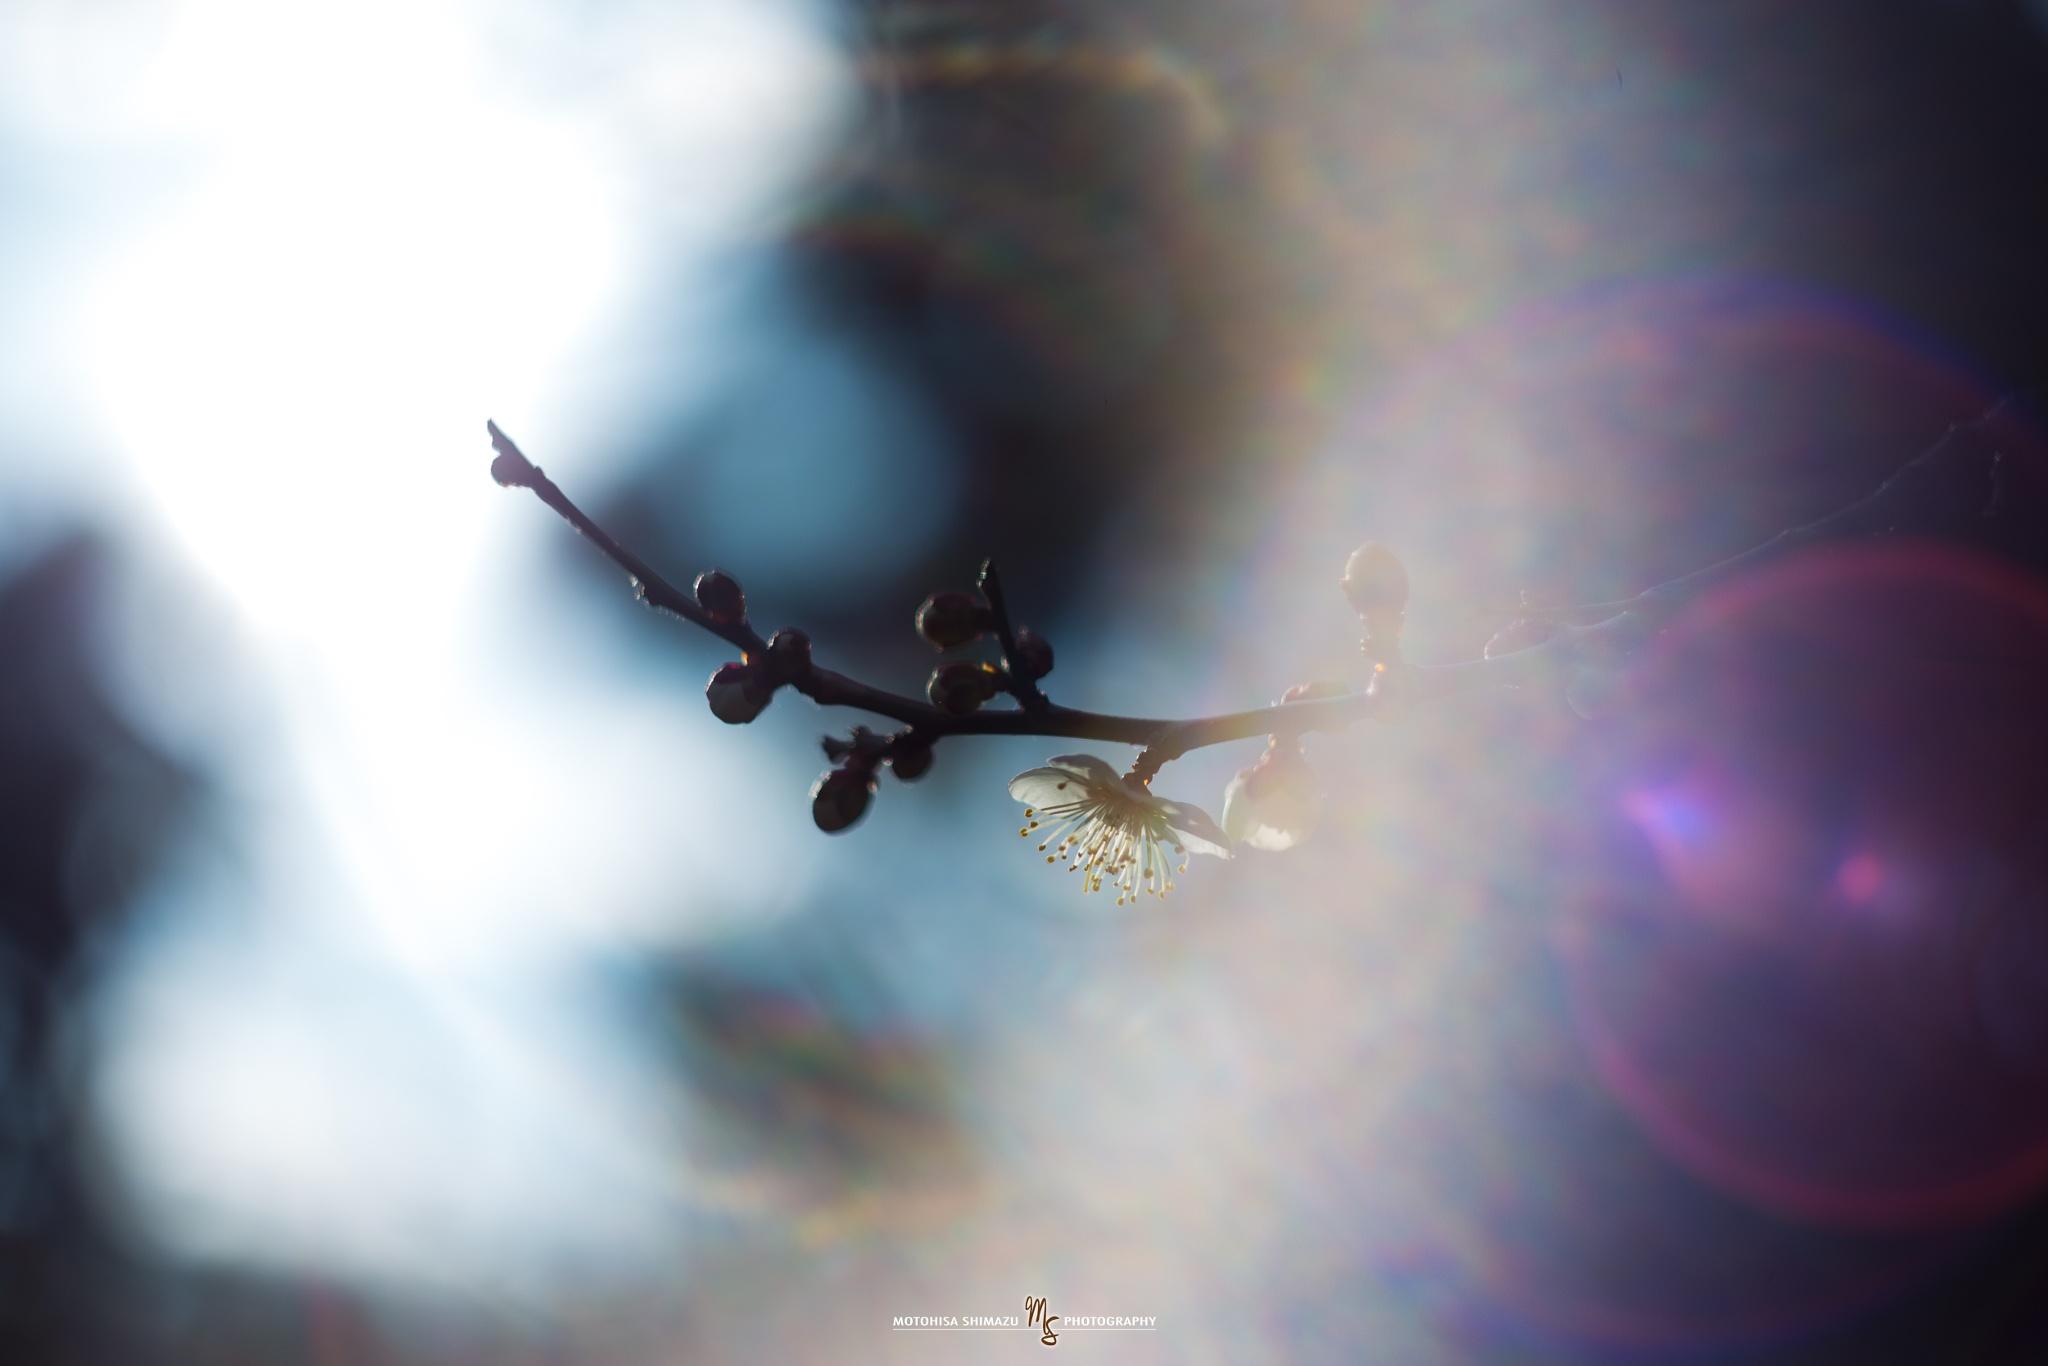 Untitled by Motohisa Shimazu